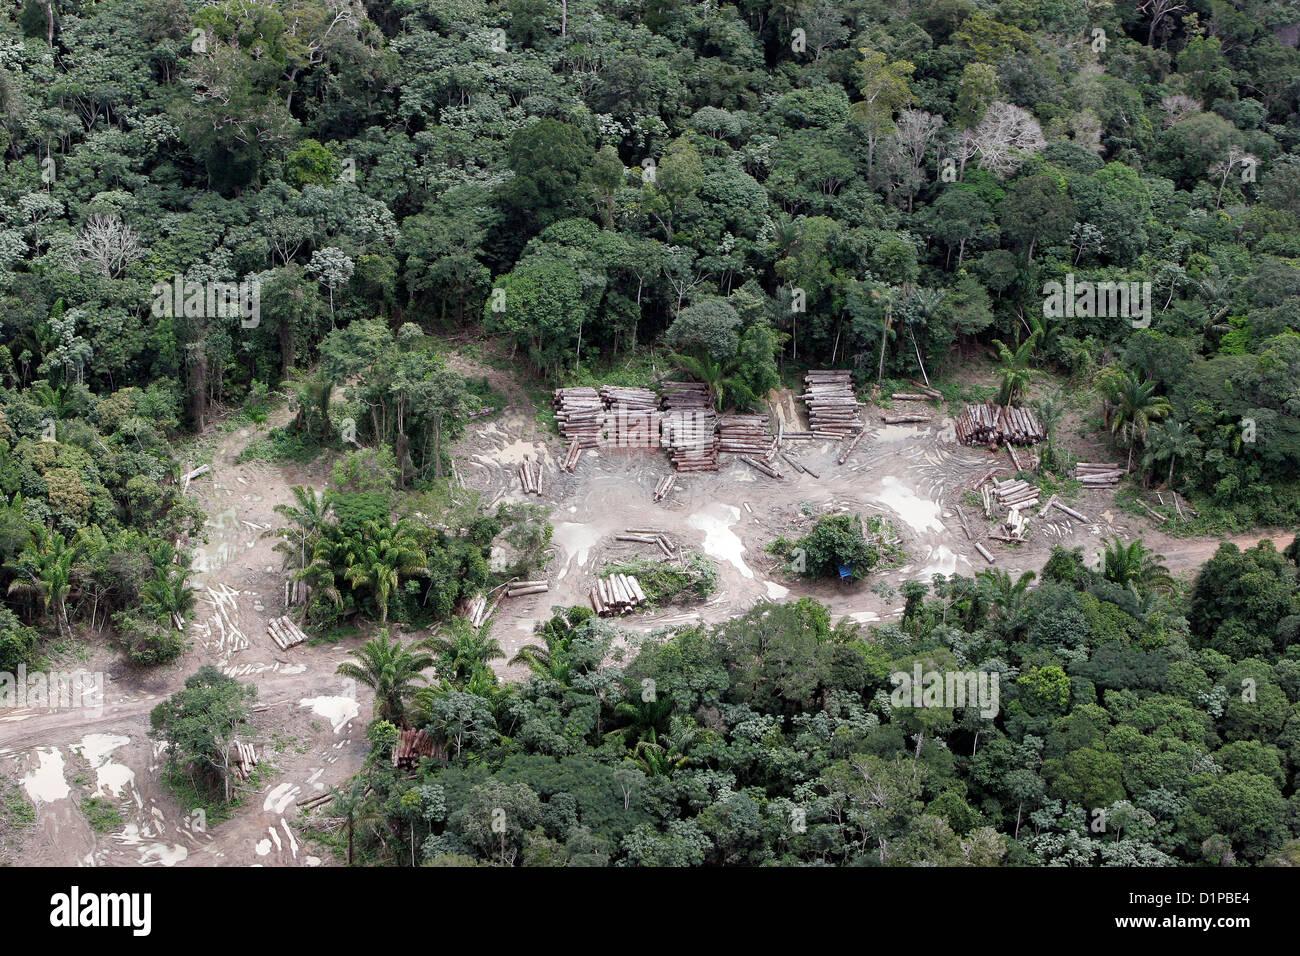 Forêt amazonienne pour jeu illégal l'agriculture journal coupe cachée dans forêt d'agence Photo Stock